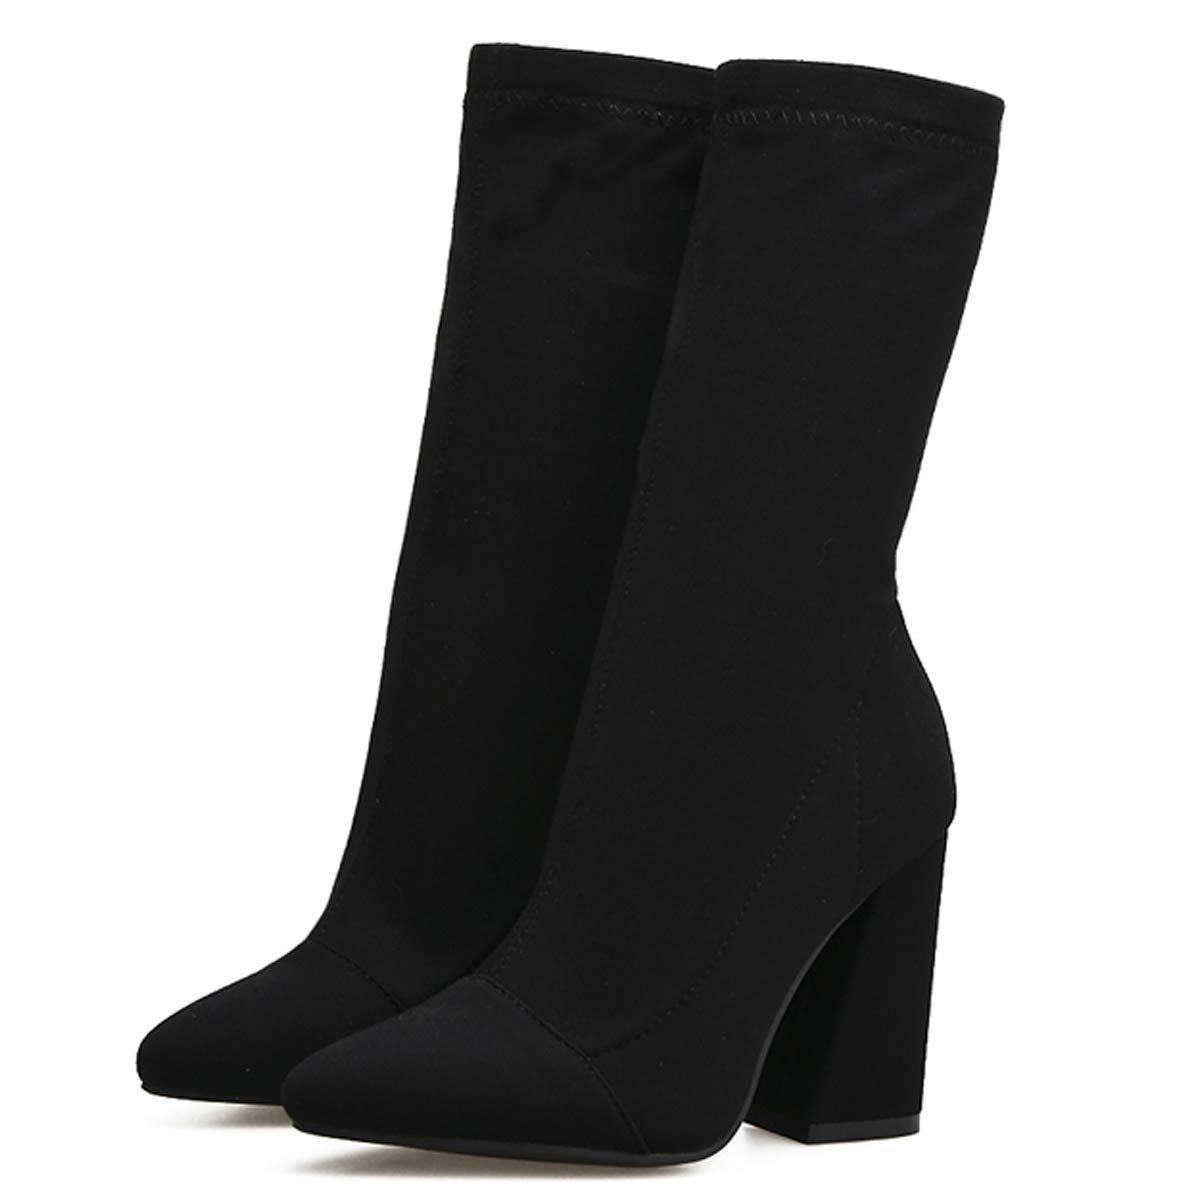 noir Thirty-nine HBDLH Chaussures pour Femmes des Bottes en Daim avec Un Tube en Moyenne 10 Cm Au Début du Printemps Les Jambes A Souligné épais Tissu élastique Talon Mahomme Dingxue.